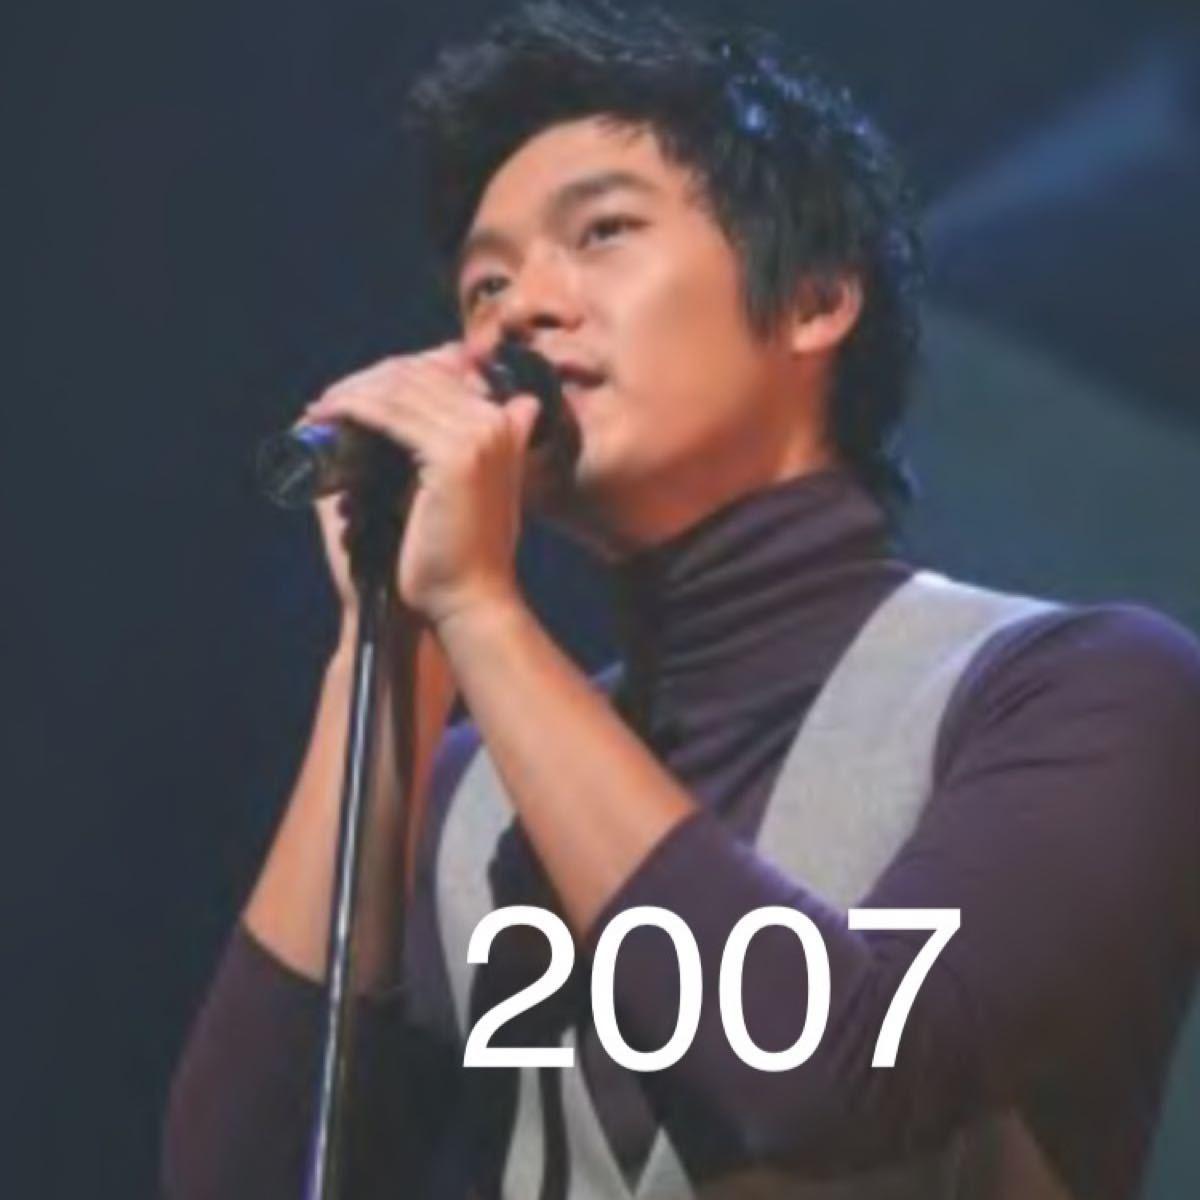 ヒョンビン 2007ファンミDVD